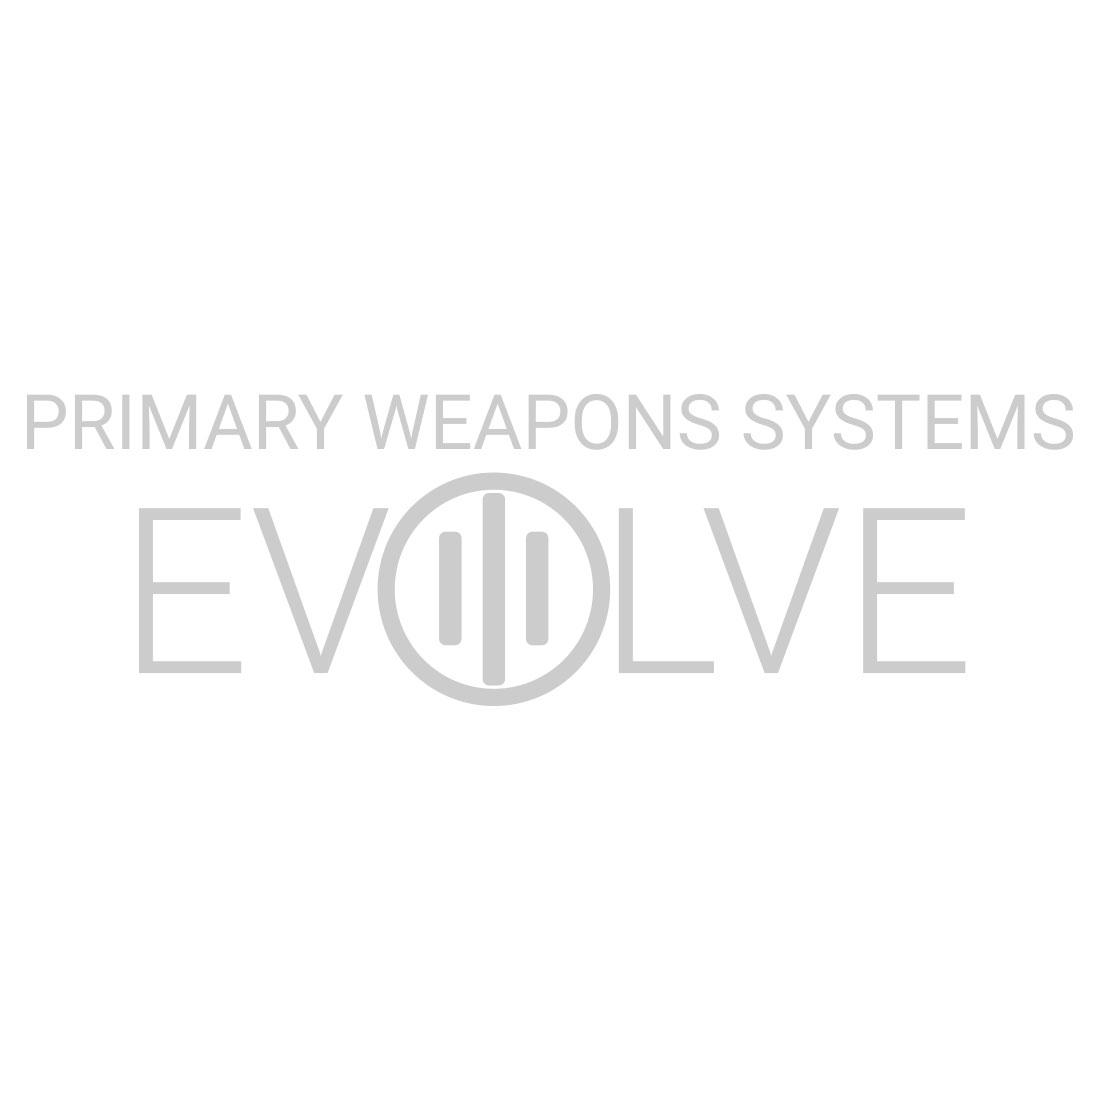 MK107 MOD 1-M Rifle .223 Wylde